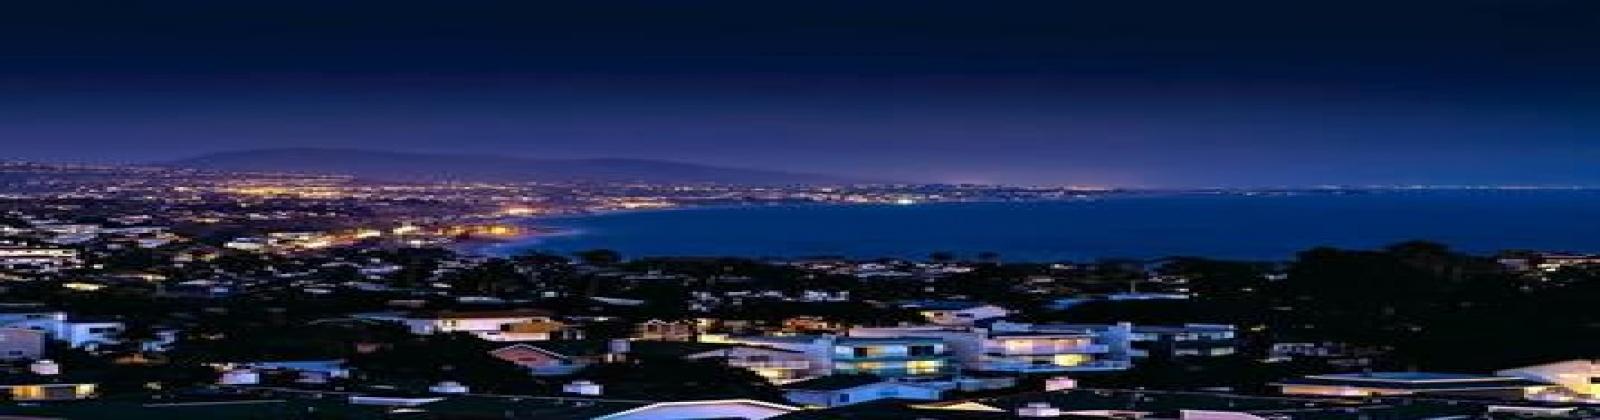 24512 ALTA VISTA Dr # A, Dana Point, California 92629, 3 Bedrooms Bedrooms, ,2 BathroomsBathrooms,Home,Leased,ALTA VISTA Dr # A,1316